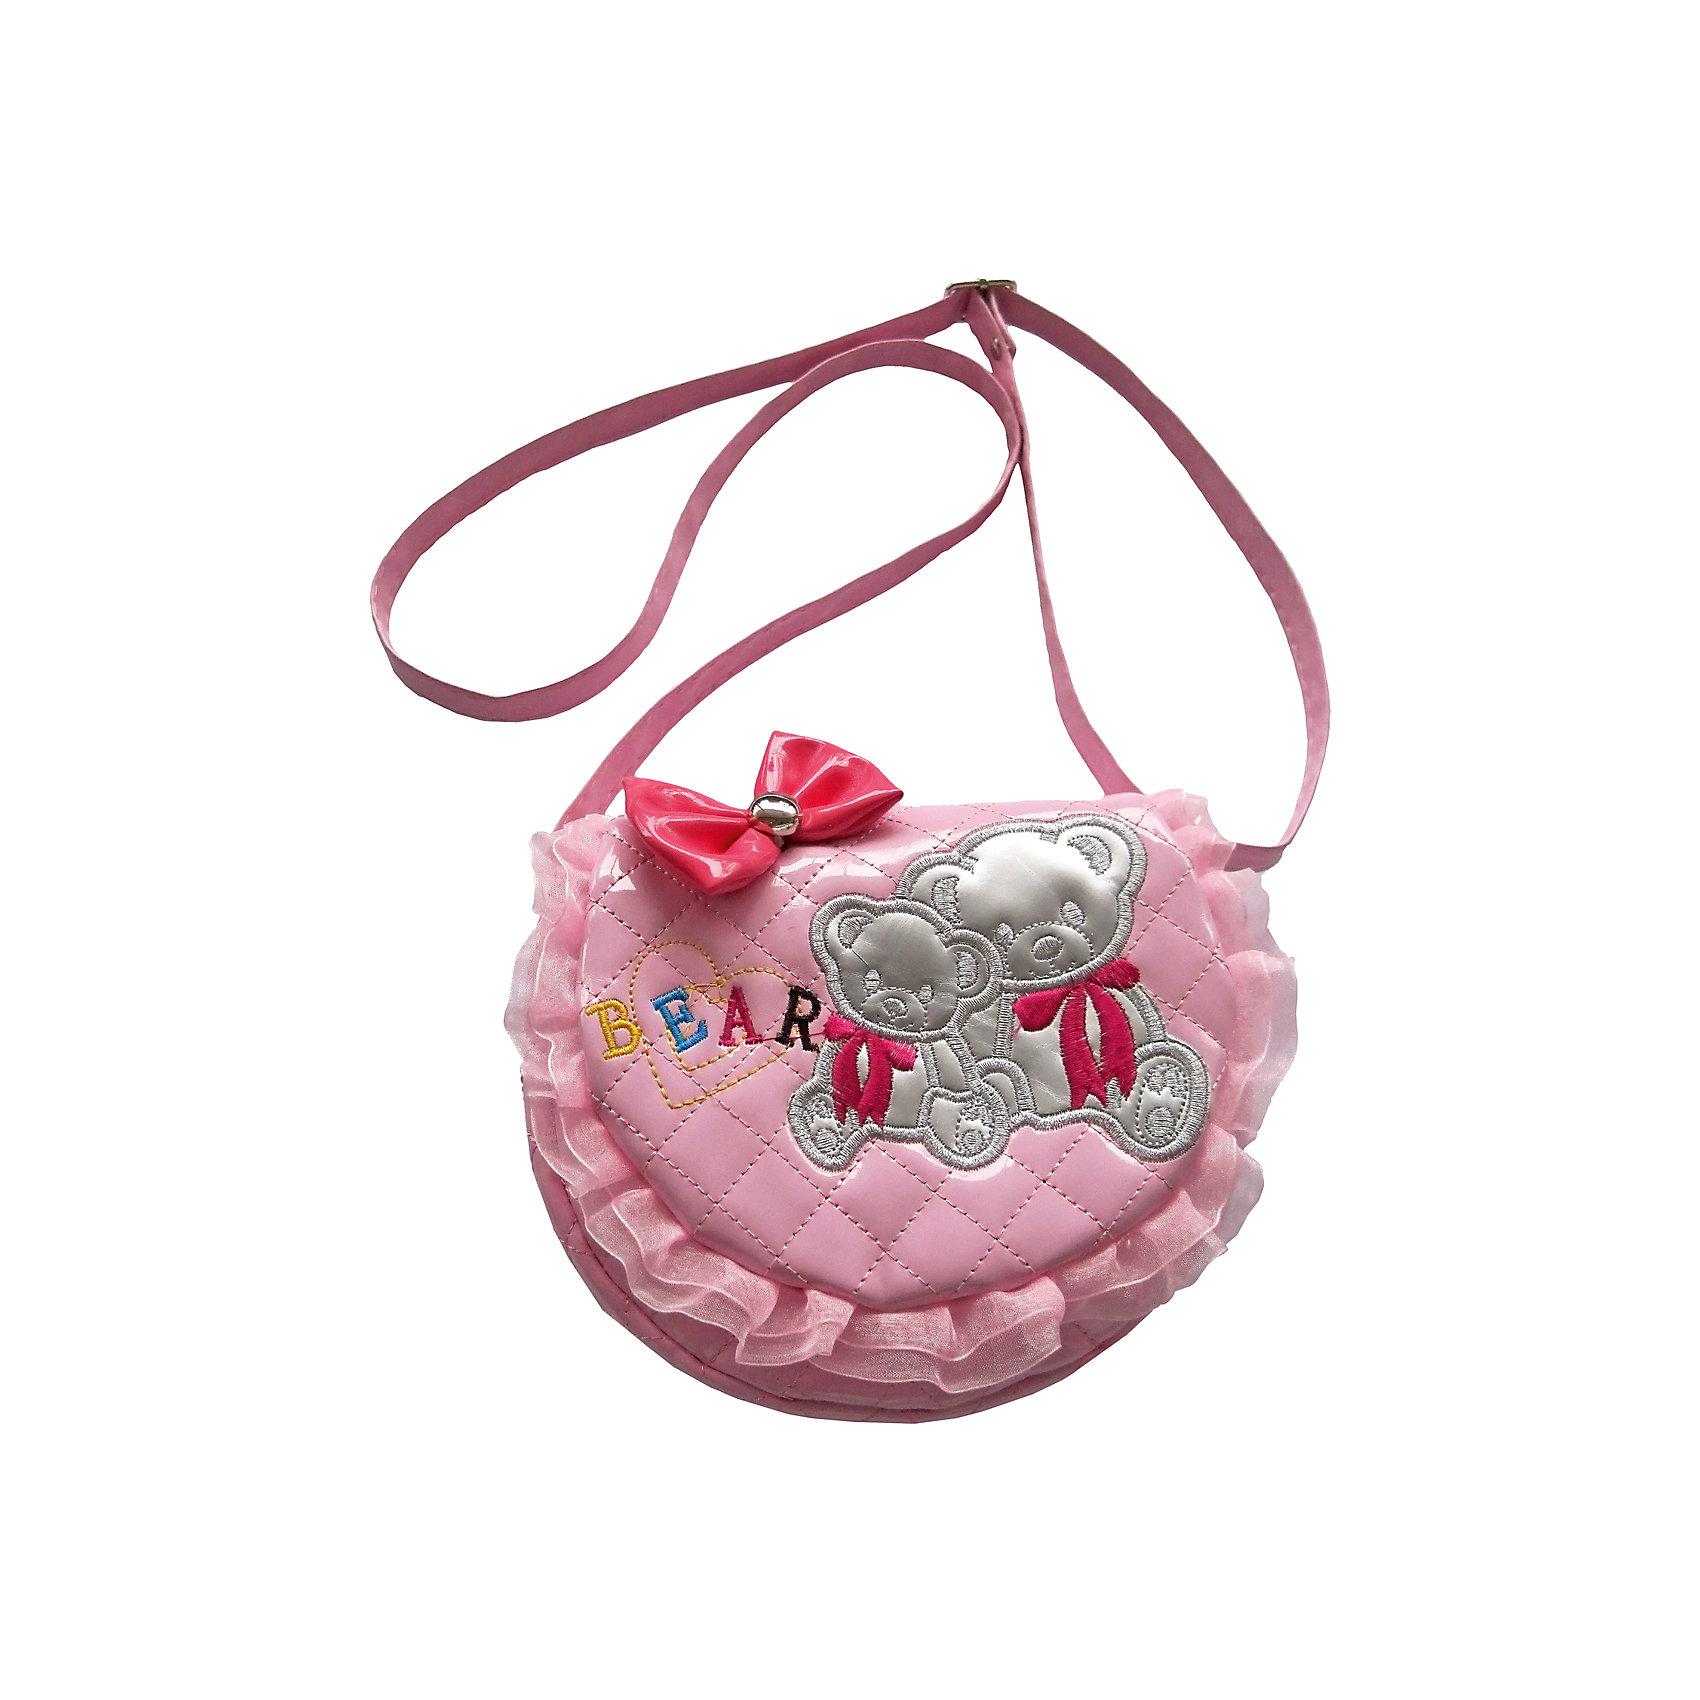 Сумочка Мишки на плечо, 20*16 см., розоваяКаждая маленькая модница точно знает, как важно, чтобы сумочка подходила по цвету к туфлям! Новая коллекция сумочек для девочек выполнена в самых любимых девичьих цветах. В сумочку можно положить зеркальце, расческу и заколки - теперь все необходимое всегда под рукой! Сумочка Мишки на молнии в розовом цвете, с удобными лямками, размер: 20х16 см.<br><br>Ширина мм: 190<br>Глубина мм: 180<br>Высота мм: 400<br>Вес г: 119<br>Возраст от месяцев: 528<br>Возраст до месяцев: 2147483647<br>Пол: Женский<br>Возраст: Детский<br>SKU: 5508568